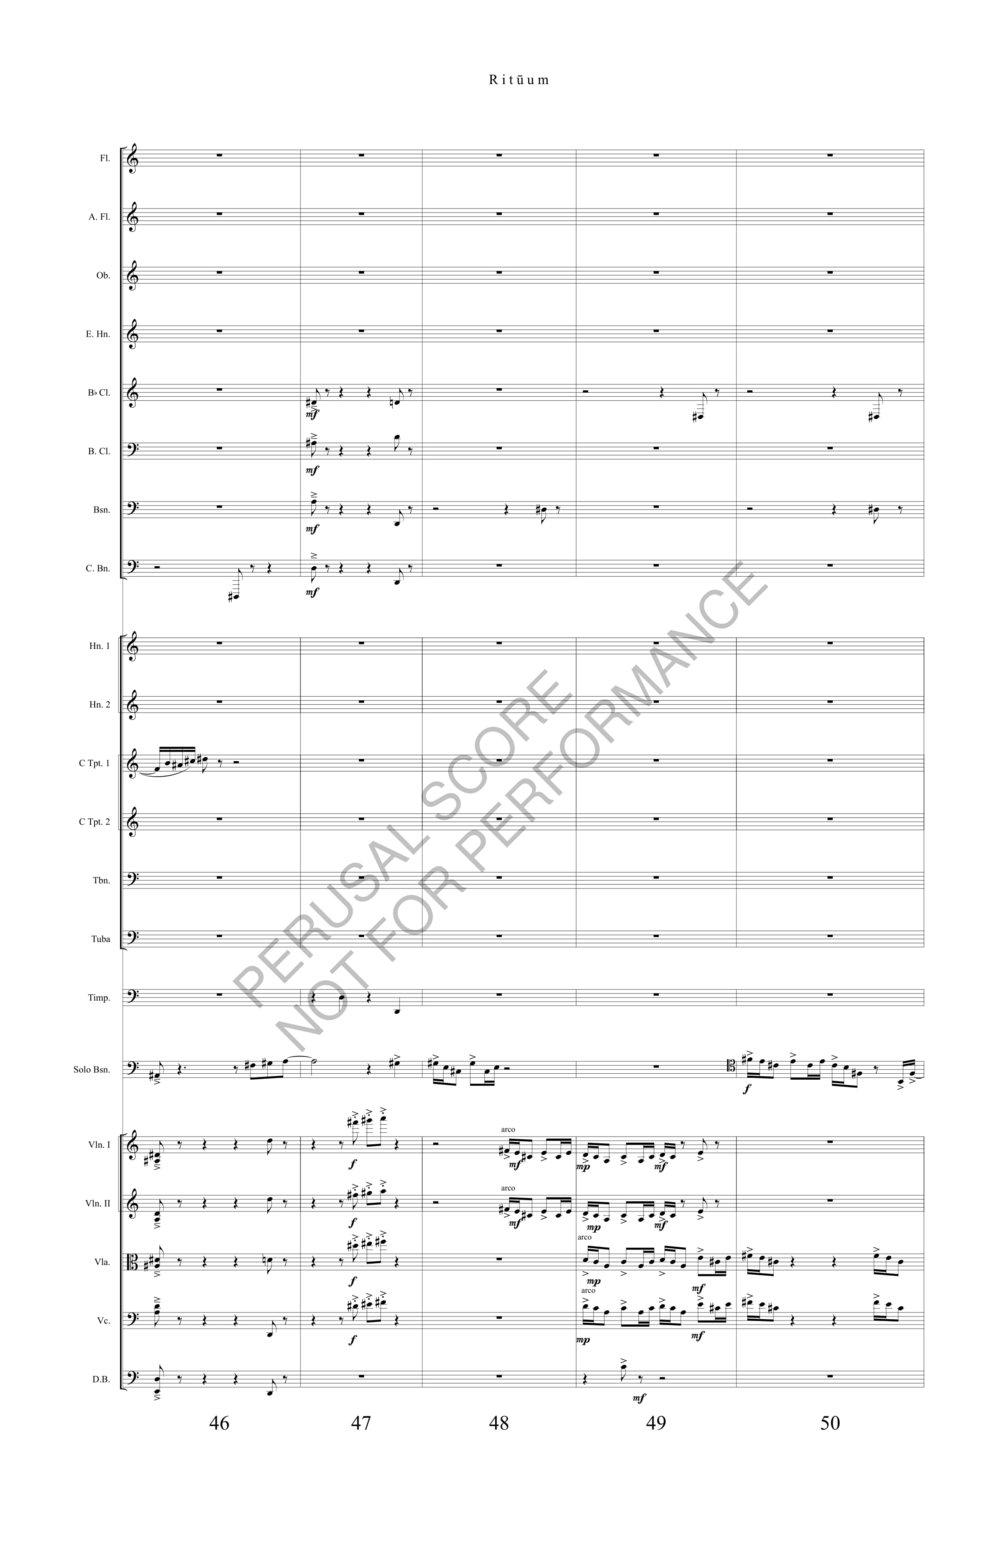 Boyd Rituum Score-watermark (1)-16.jpg